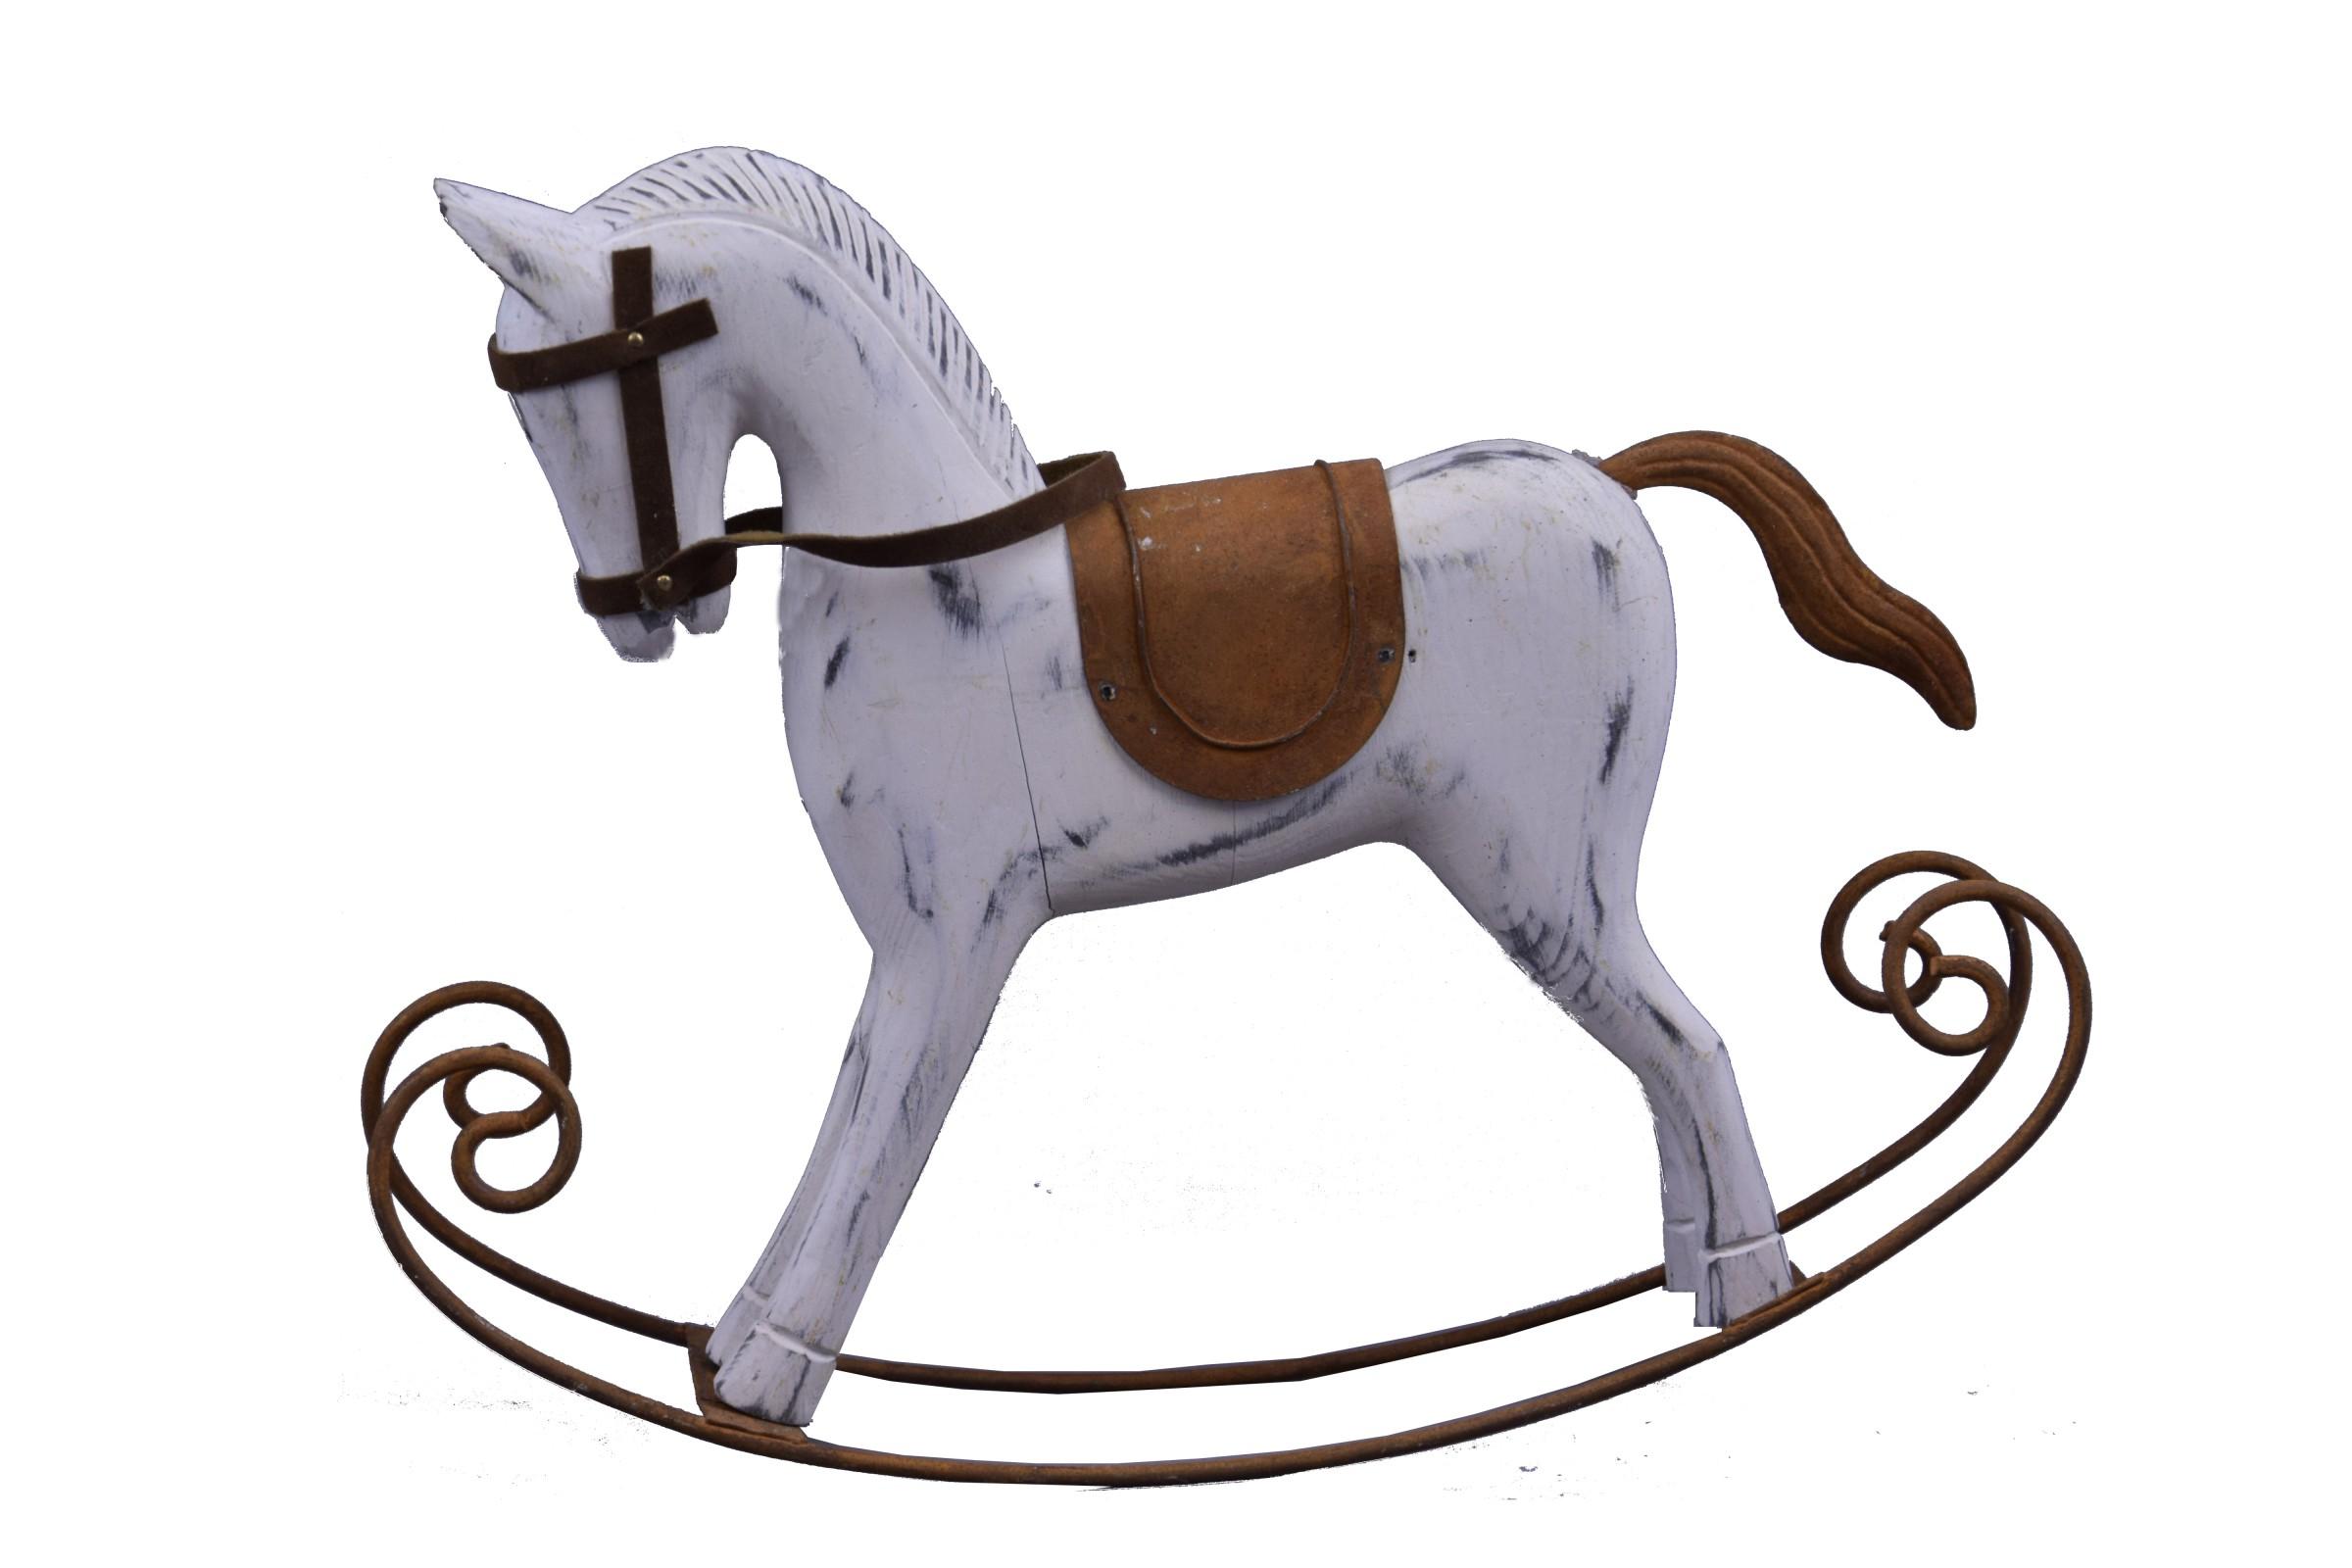 Houpací kůň bílý dřevo Rozměry: 30x26x6cm